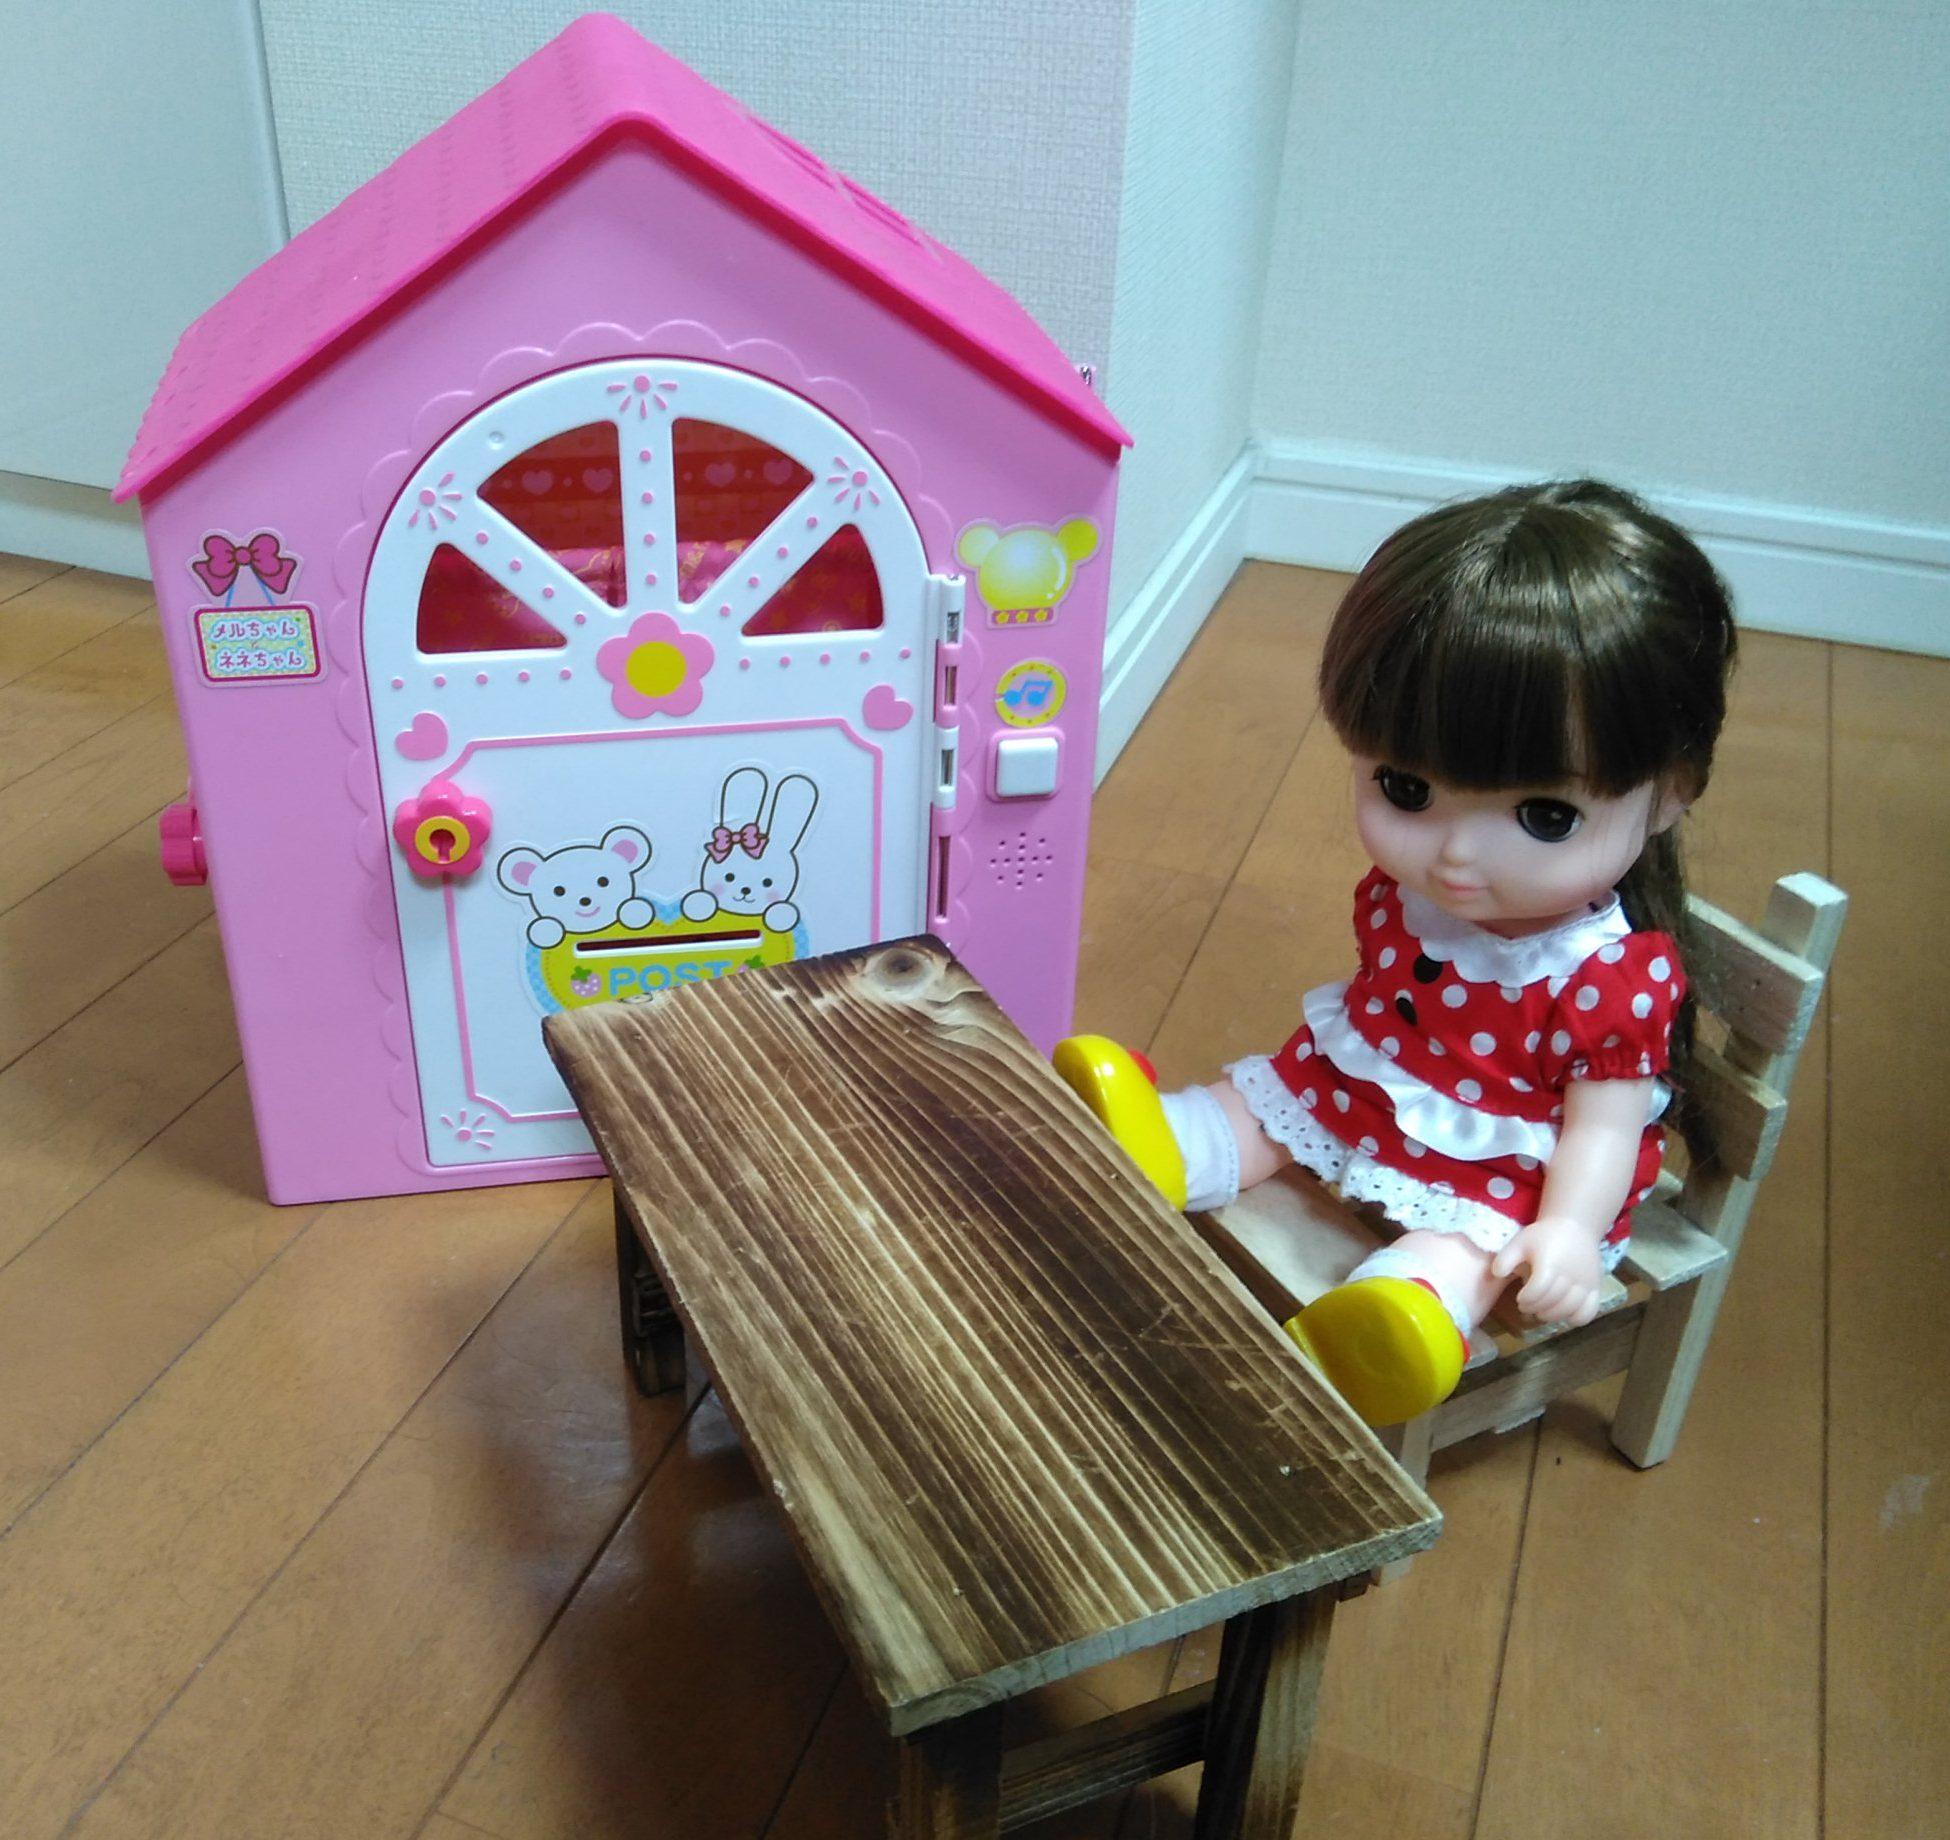 100均の花台がメルちゃん・レミン&ソランの人形用家具に【ダイソー】